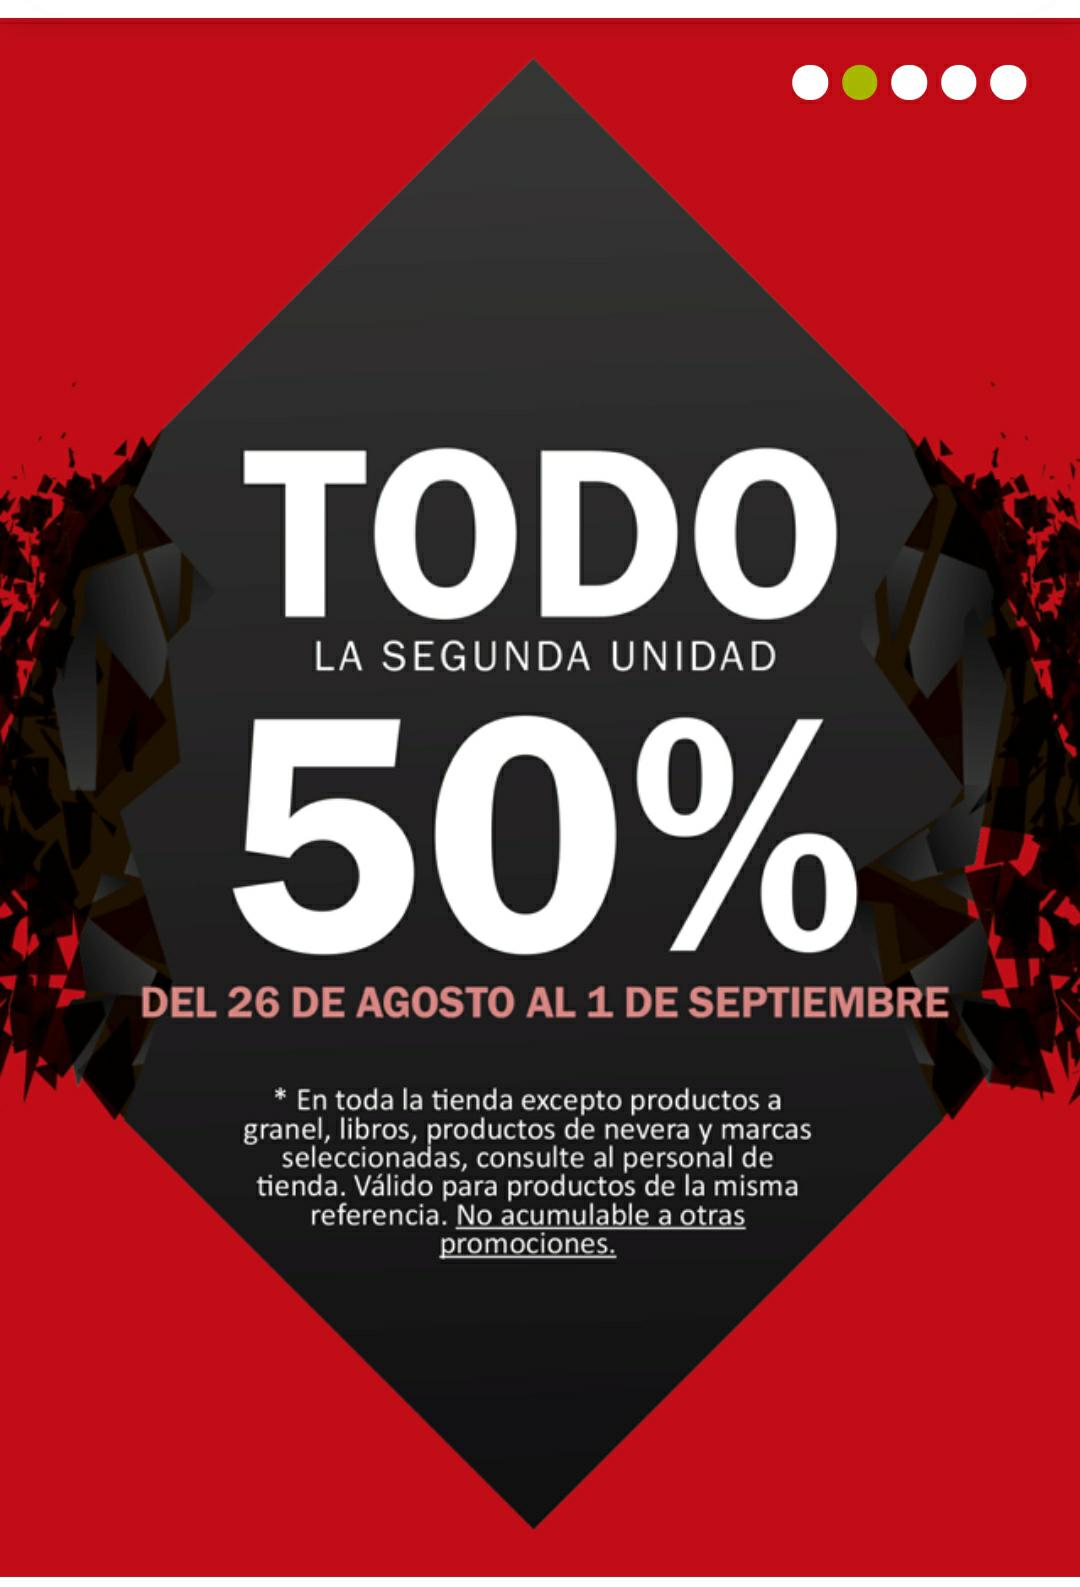 TODO - 2ª unidad al 50%